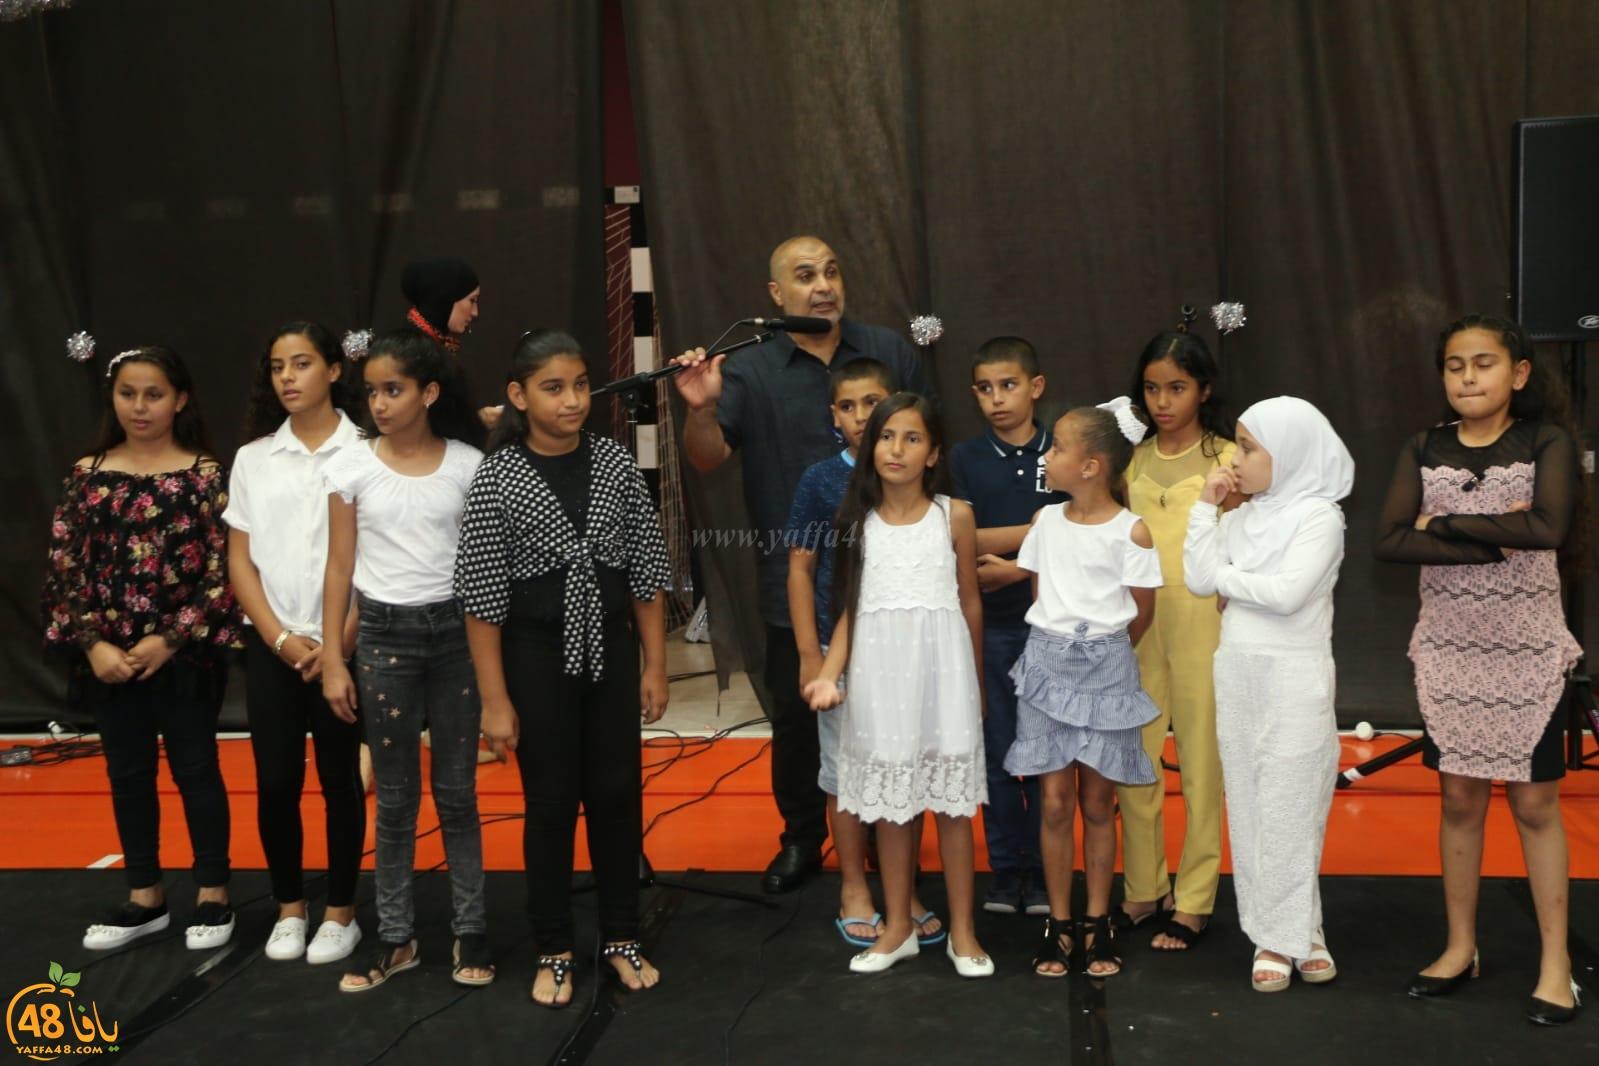 بالصور: مدرسة حسن عرفة الابتدائية تحتفل بتخريج الفوج الـ62 من طلابها